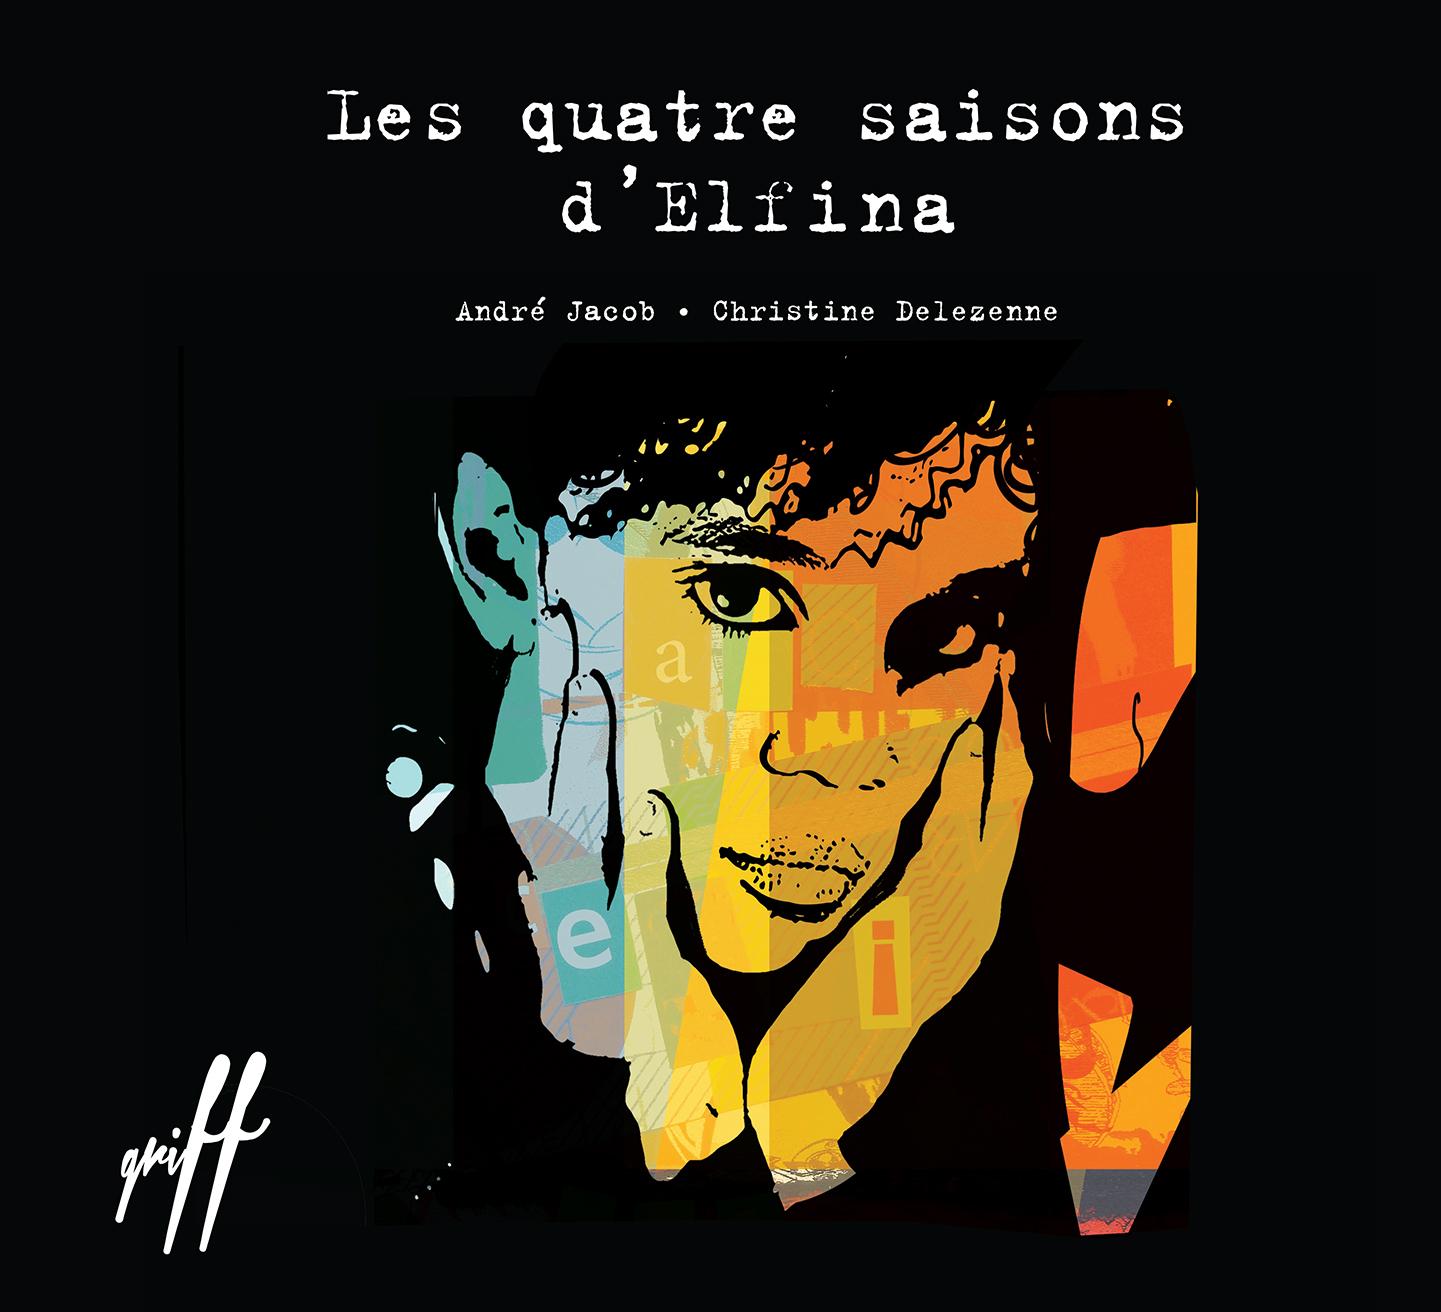 Les quatre saisons d'Elfina - Éditions de Isatis